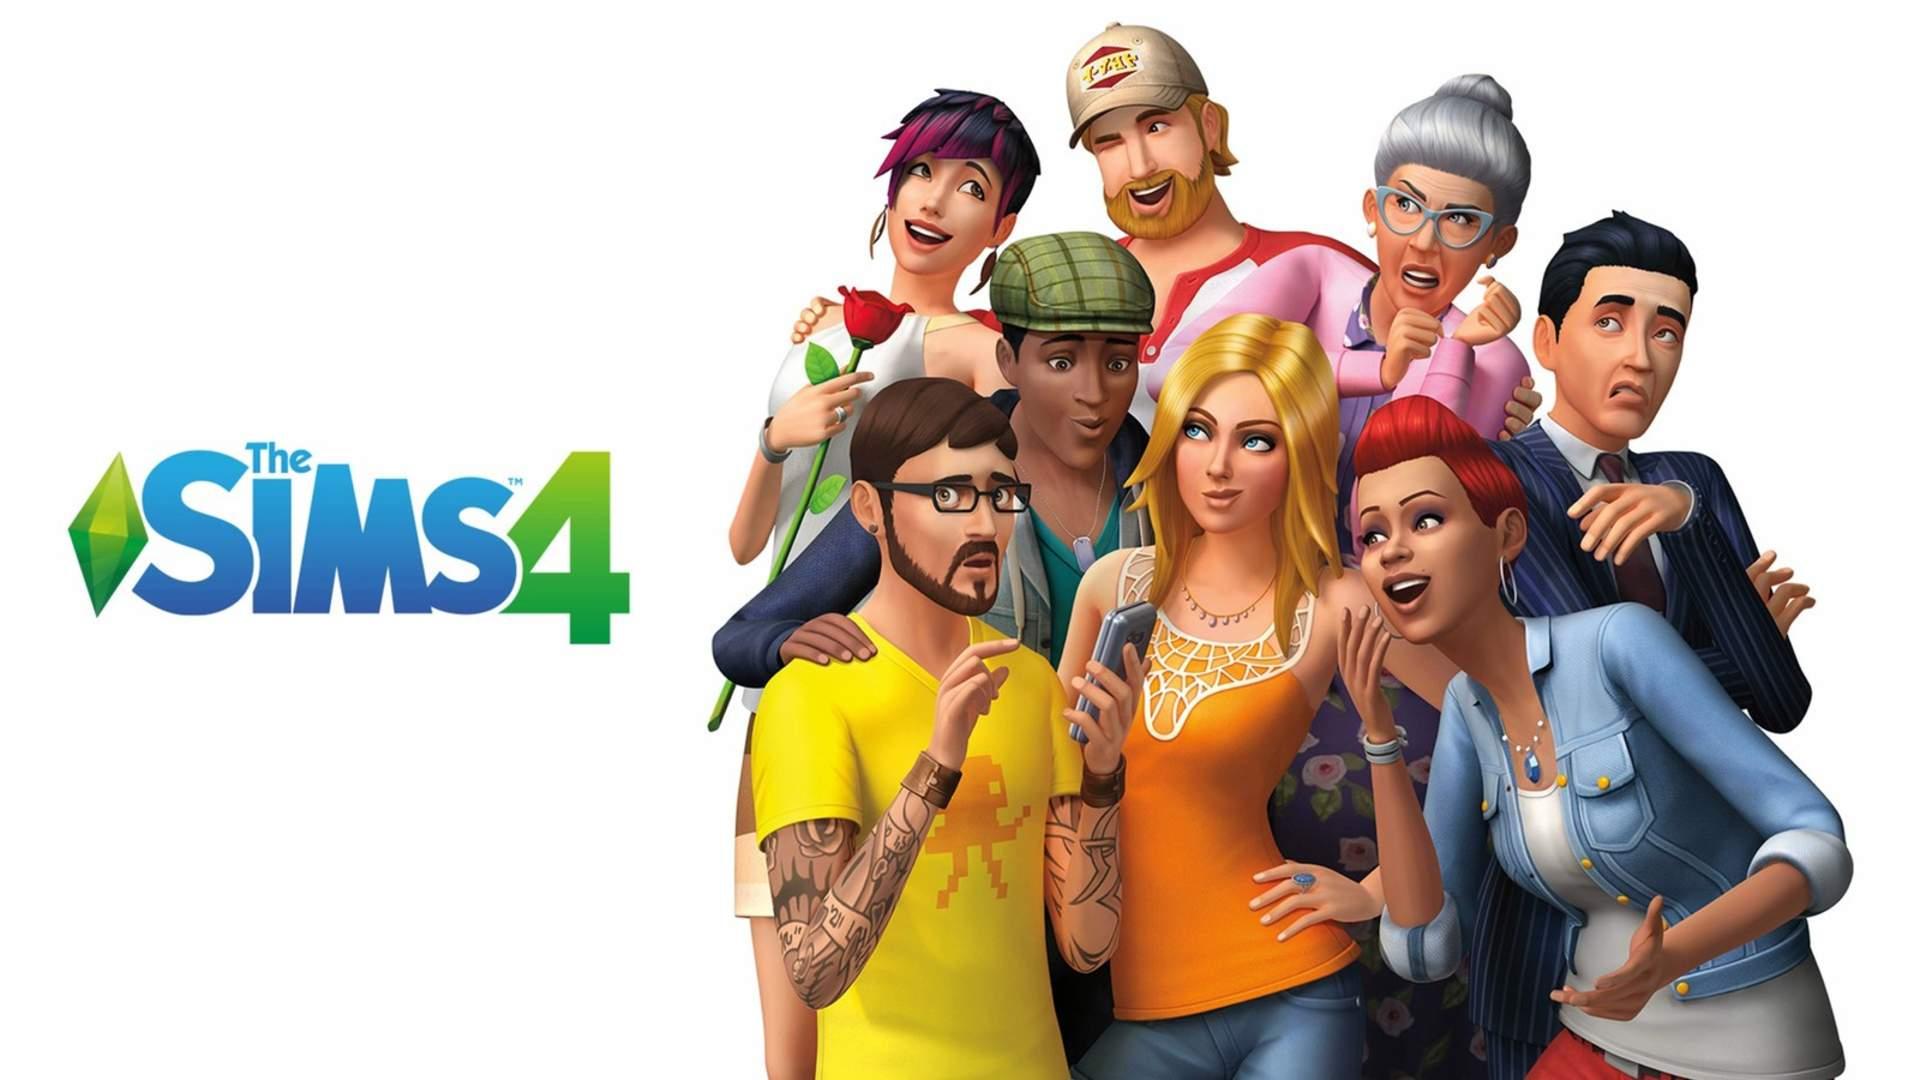 Comment faire : Les Sims 4 – Voyage d'extension de Star Wars à Batuu annoncé